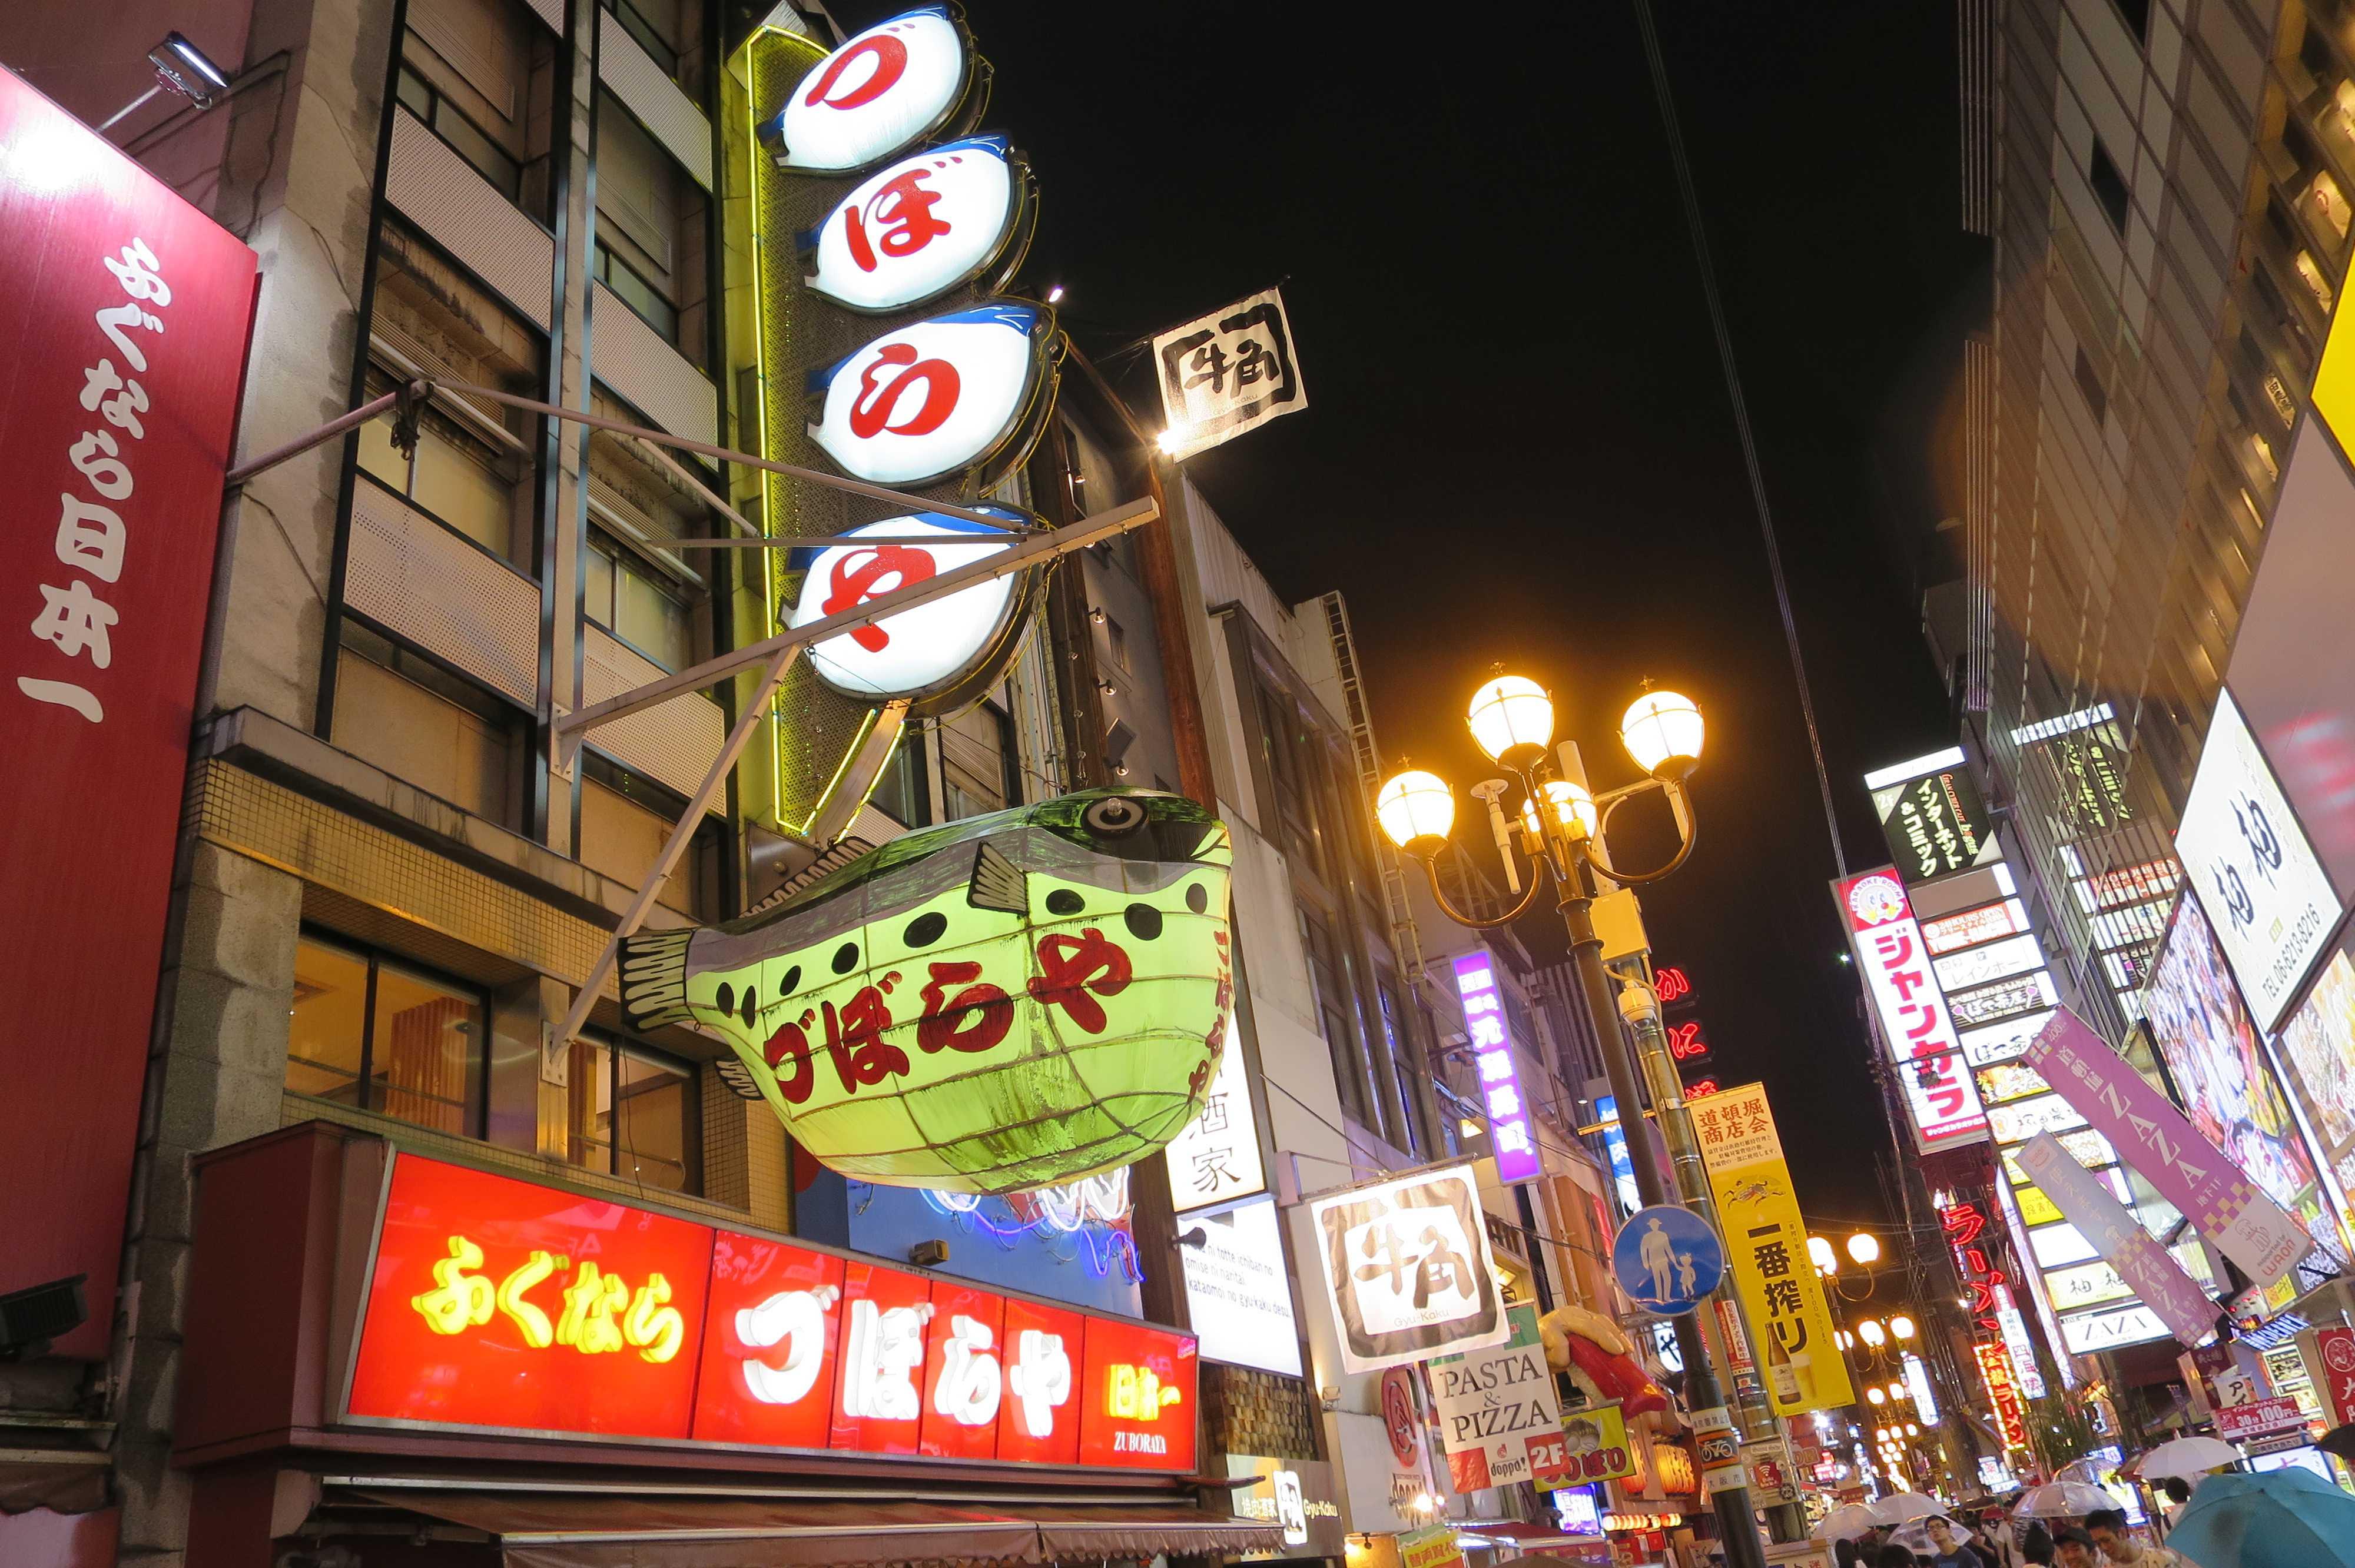 大阪・道頓堀 - づぼらやの特大ふぐ看板